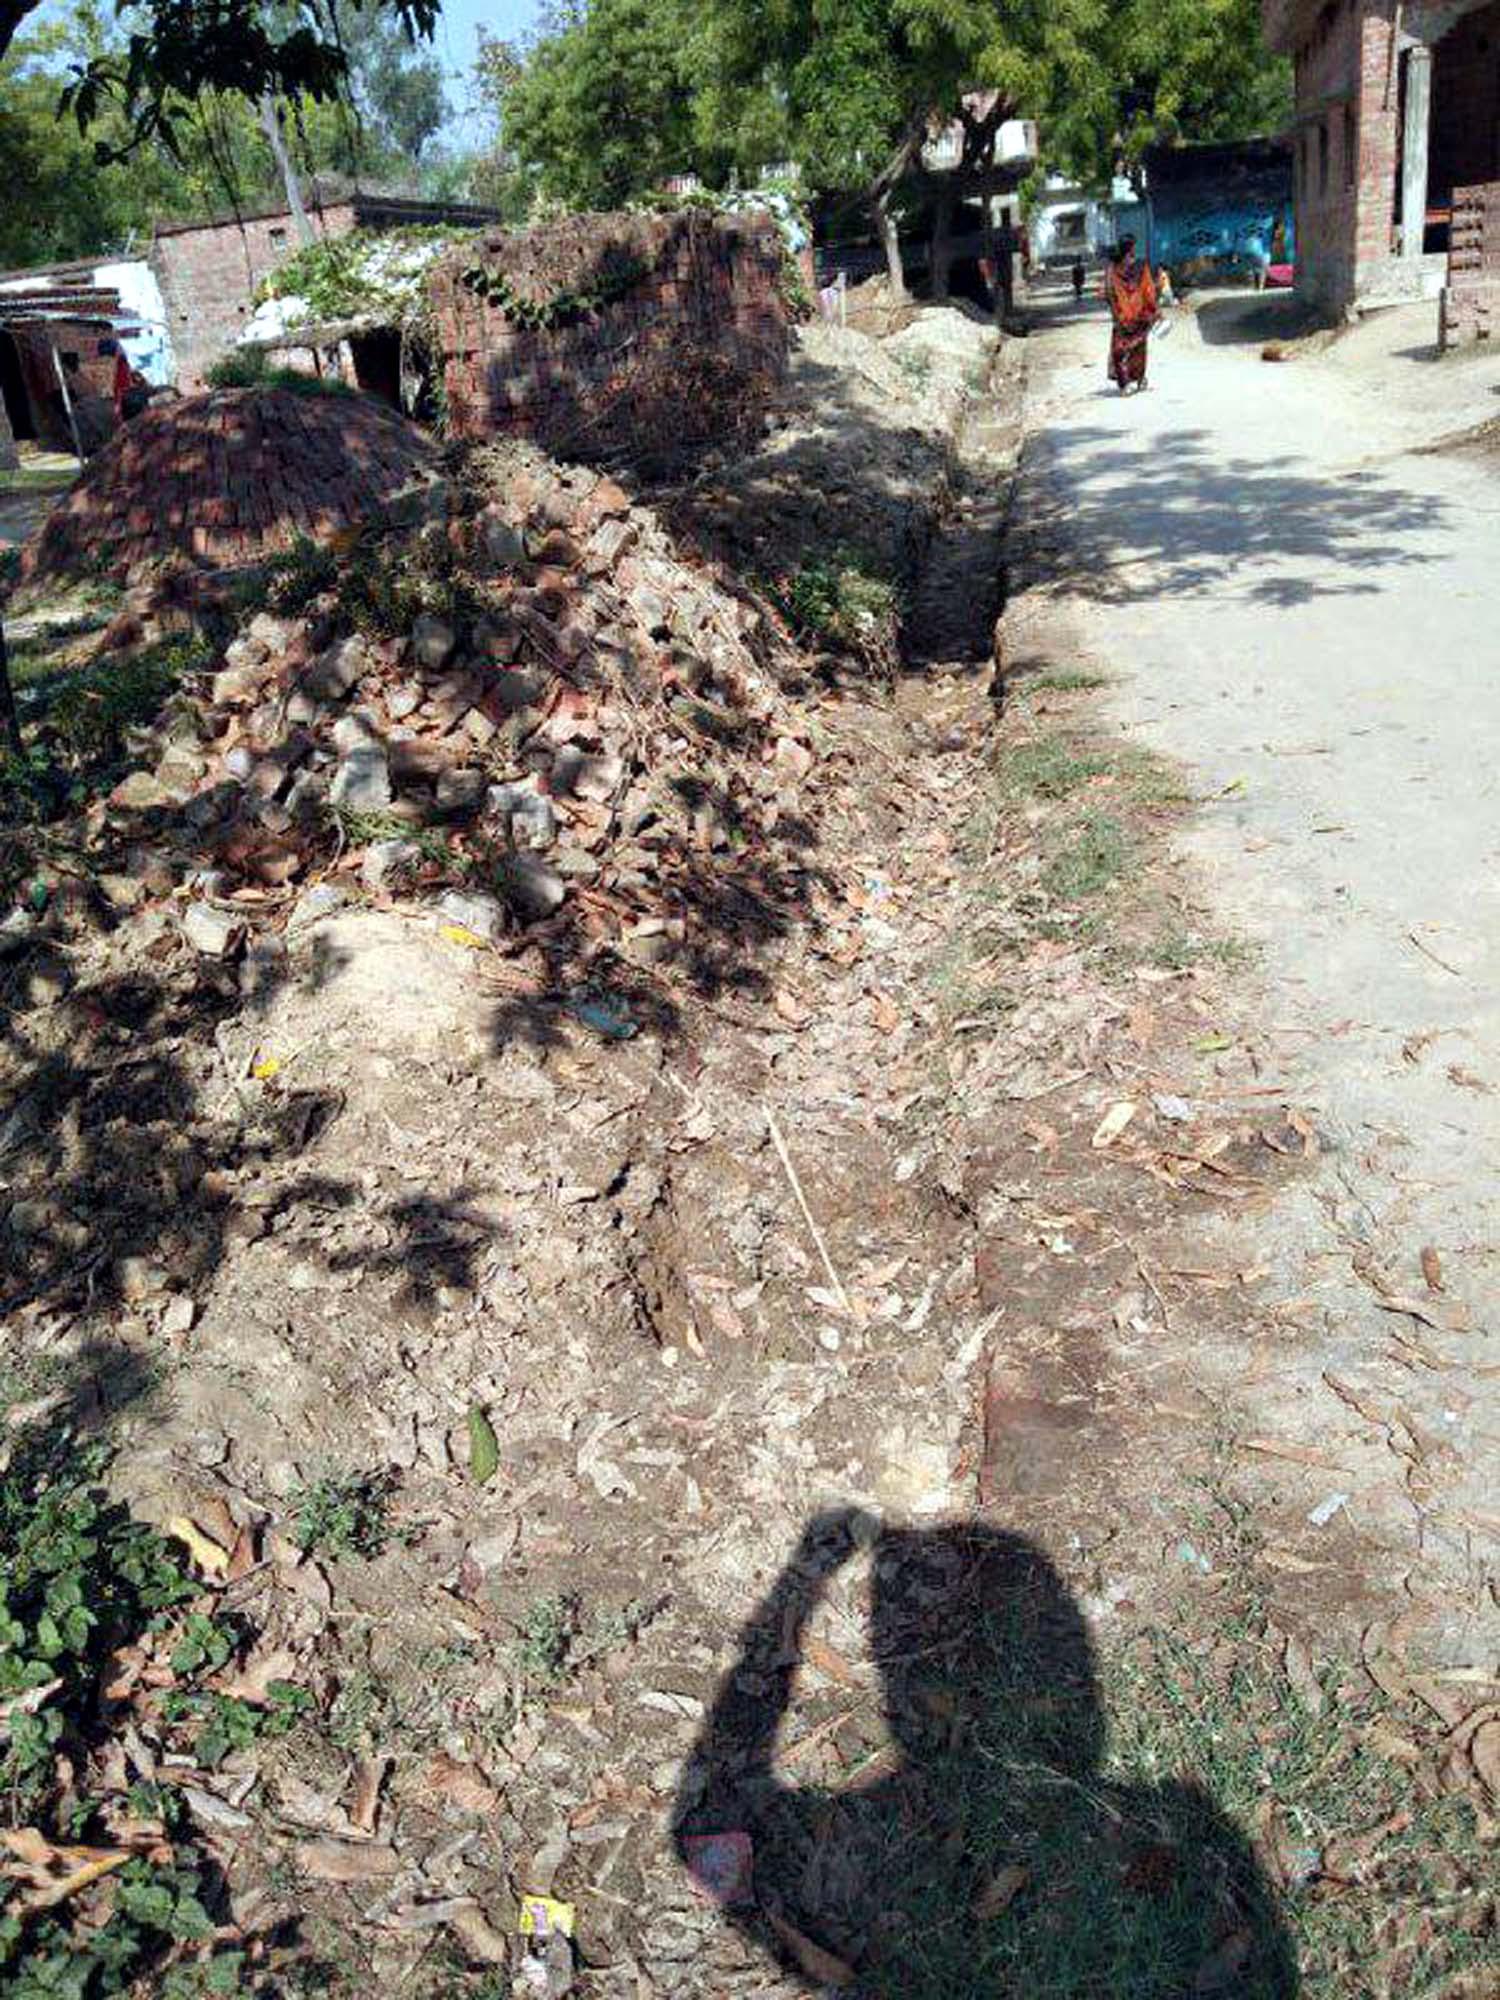 अतुल राय जौनपुर।  जलालपुर क्षेत्र के ग्रामसभा कुशियां व नाहर पट्टी के लोगों के विवाद में सरकारी नाली निर्माण कार्य बाधित हो गया है जिससे उत्पन्न समस्या बरकरार है। ज्ञात हो कुशियां के प्रधान राज प्यारे पटेल द्वारा पानी निकासी के लिये पक्की सड़क के किनारे पुलिया नाली निर्माण का कार्य करवाया जा रहा था। पानी का निकास नहर विभाग के नाली में गिराया जा रहा था। इसी को लेकर पहुंचे नाहर पट्टी बस्ती के लोगों ने निर्माण कार्य को रोक दिया जिनका कहना था कि यह नाली सरकारी है। इसमें पानी निकास नहीं किया जाना चाहिये। वहीं कुशियां के लोगों का कहना है कि नाहर पट्टी बस्ती को कोई आपत्ति नहीं होनी चाहिये, क्योंकि हमारी बस्ती से नाहर पट्टी बस्ती की दूरी 500 मीटर है। इसको लेकर ग्राम प्रधान व ग्राम विकास अधिकारी मौके पर पहुंचकर पानी निकास के लिये उचित मार्ग की तलाश में जुटे हैं। फिलहाल निर्माण कार्य अभी रोक दिया गया है। इस बाबत सरपंच एल. राम, रमेश कुमार, शेखर, भीम, खरपतू, समरजीत, गुलाब, जितेन्द्र, लालचन्द्र, उमाशंकर, हरिशंकर आदि ने चिन्ता व्यक्त करते हुये कहा कि यदि नाली निर्माण नहीं करवाया गया तो वर्षा के दिनों में पक्की सड़क पर महीनों पानी भरा रहता है जिससे आना-जाना दुश्वार हो जाता है।